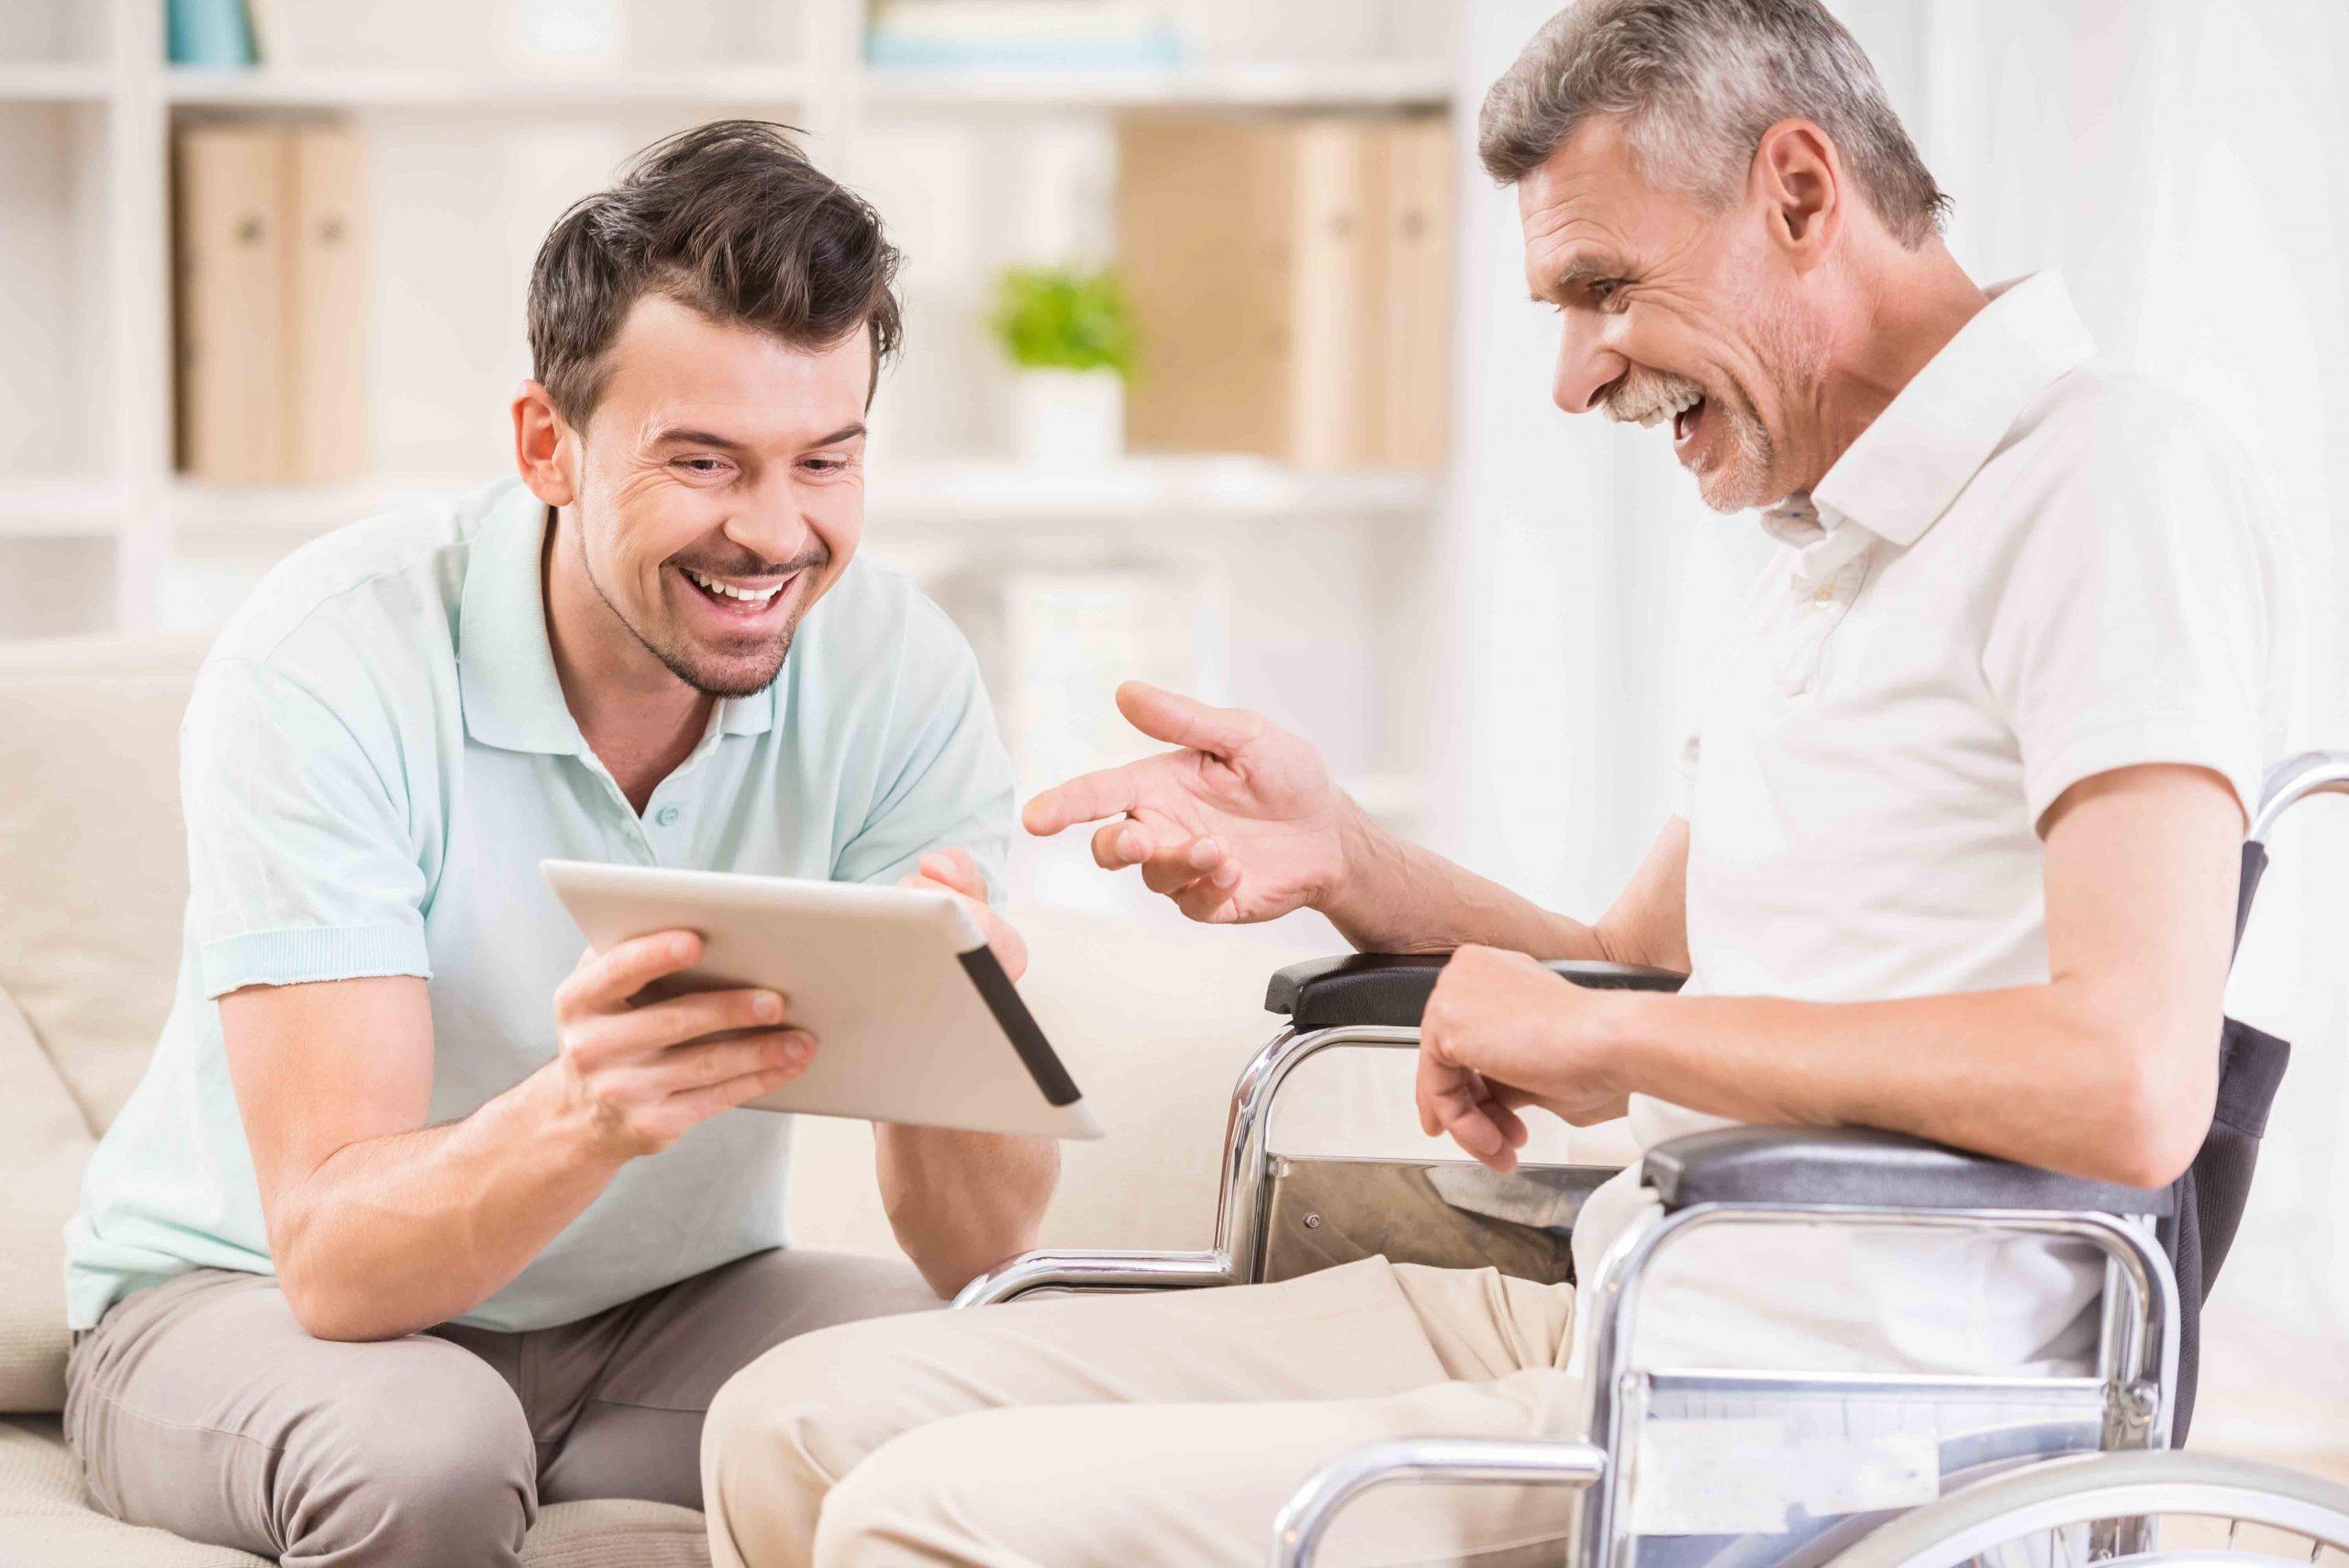 Un uomo in carrozzina e il suo caregiver si divertono guardando una foto